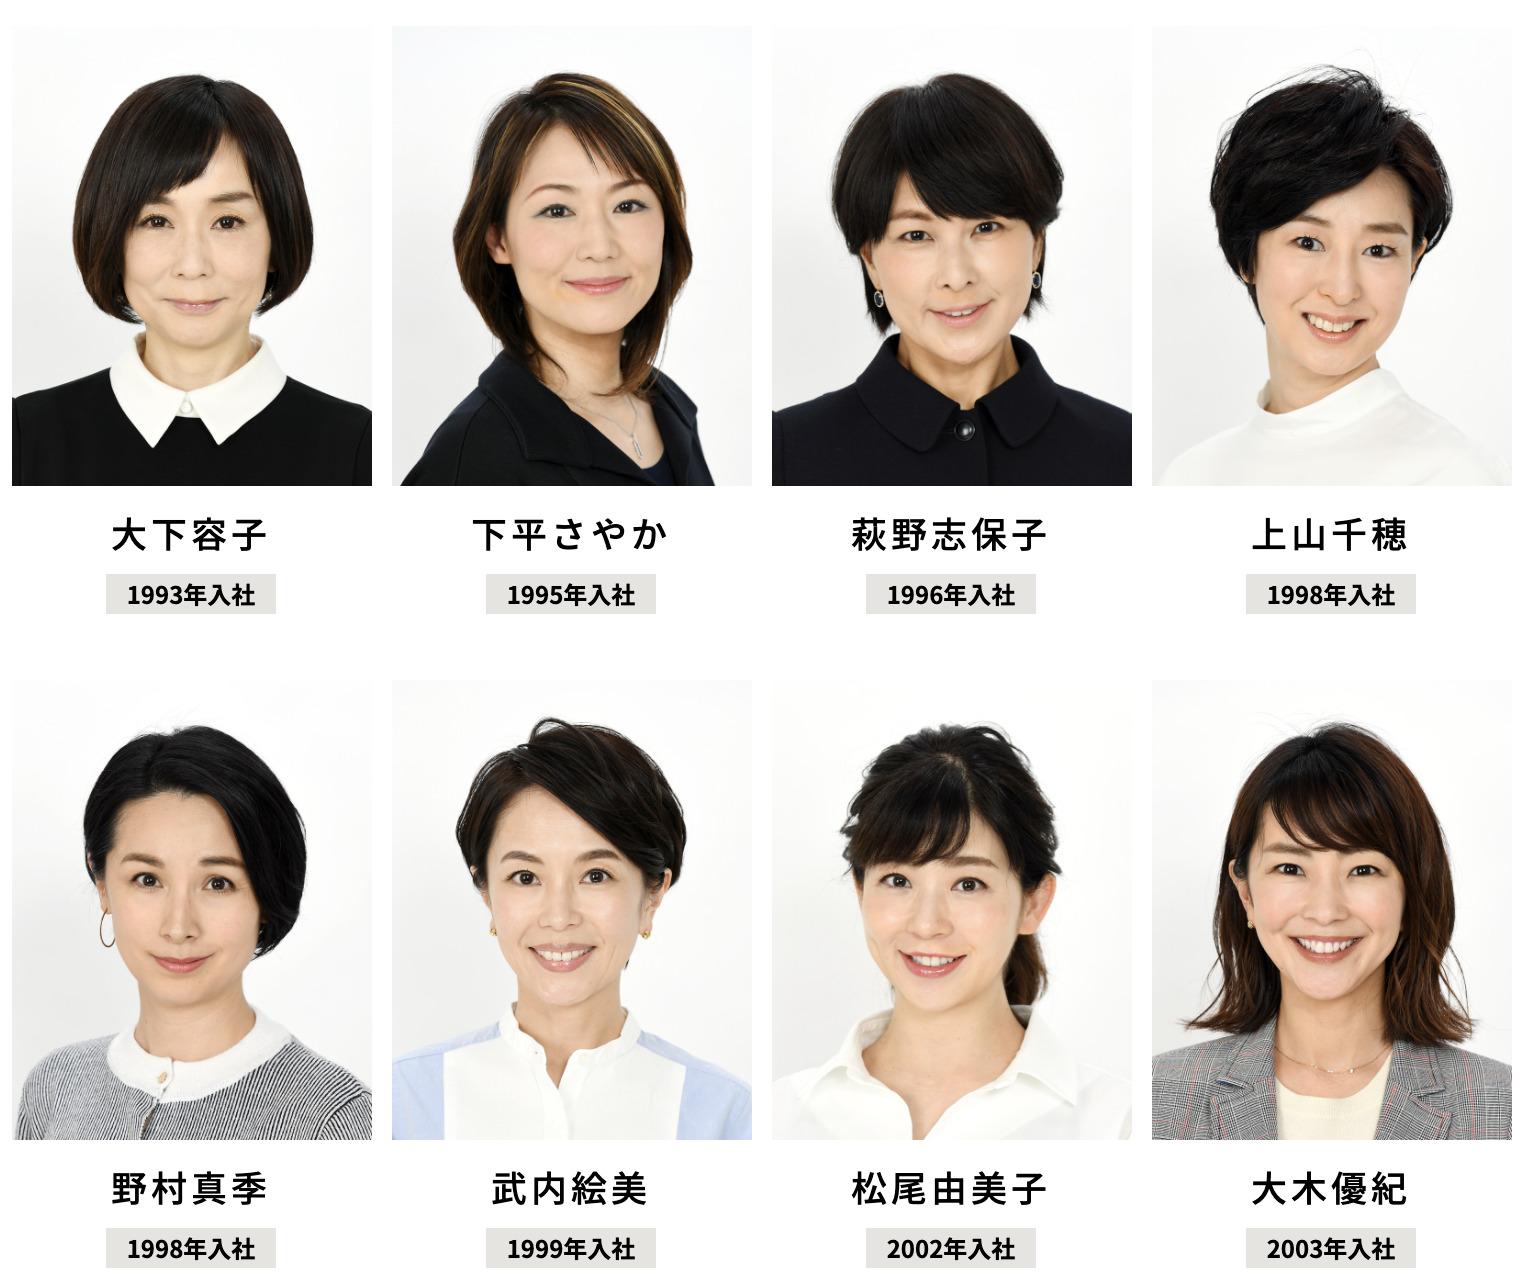 「テレビ朝日」朝の顔といえばどの女性アナウンサー? | ねとらぼ調査隊